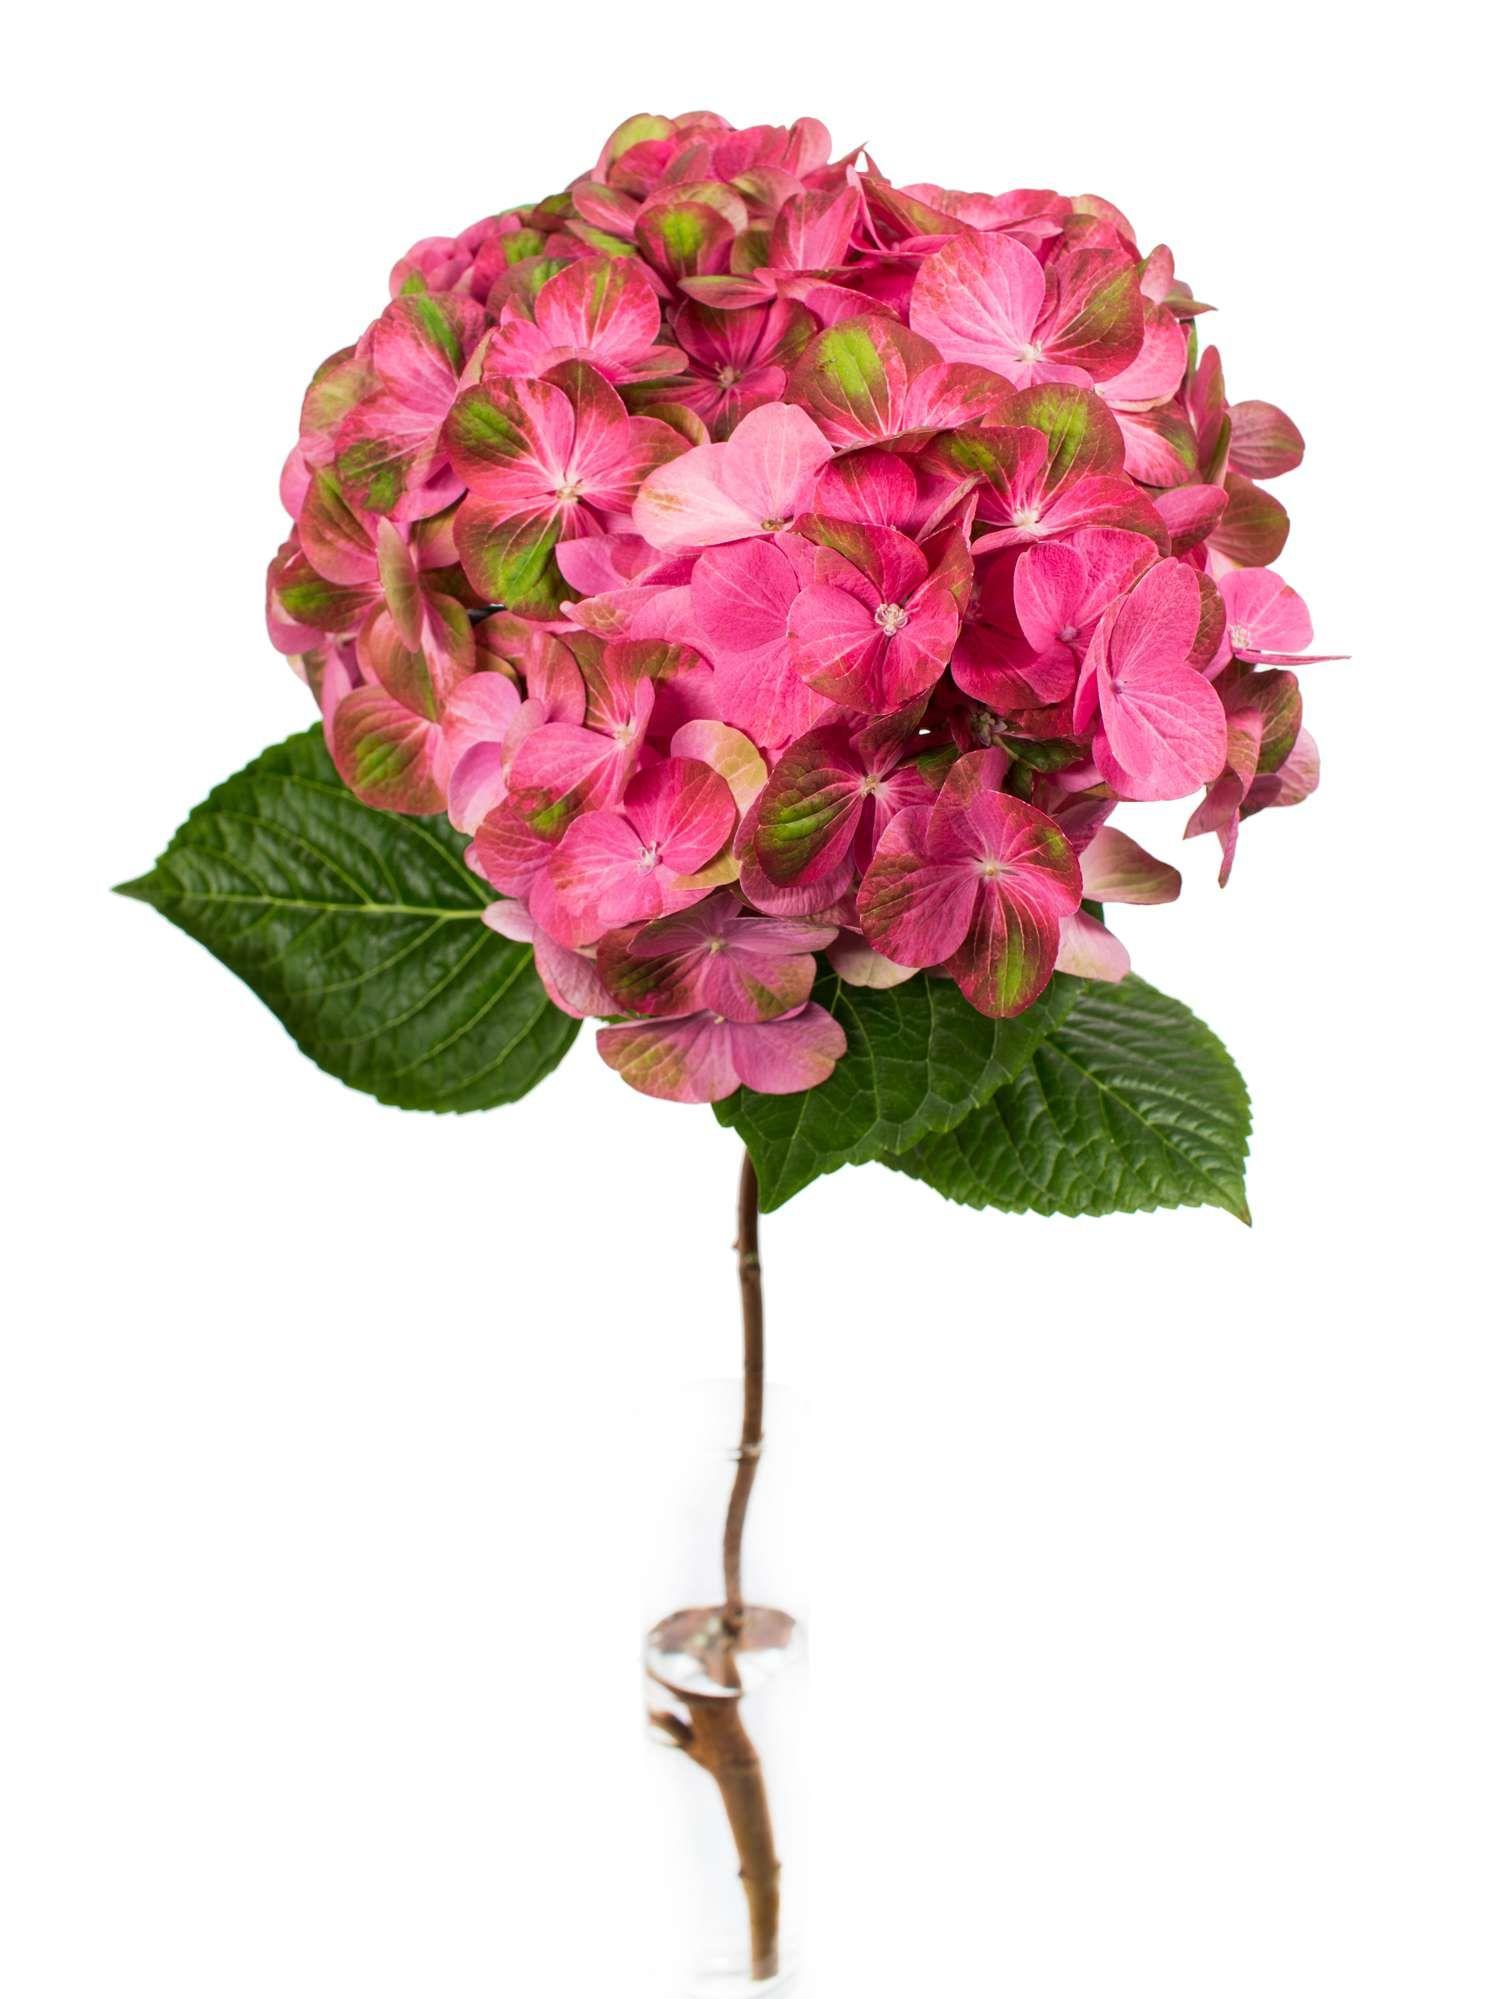 Hortensie Greenfire pinkgrn  Hortensie